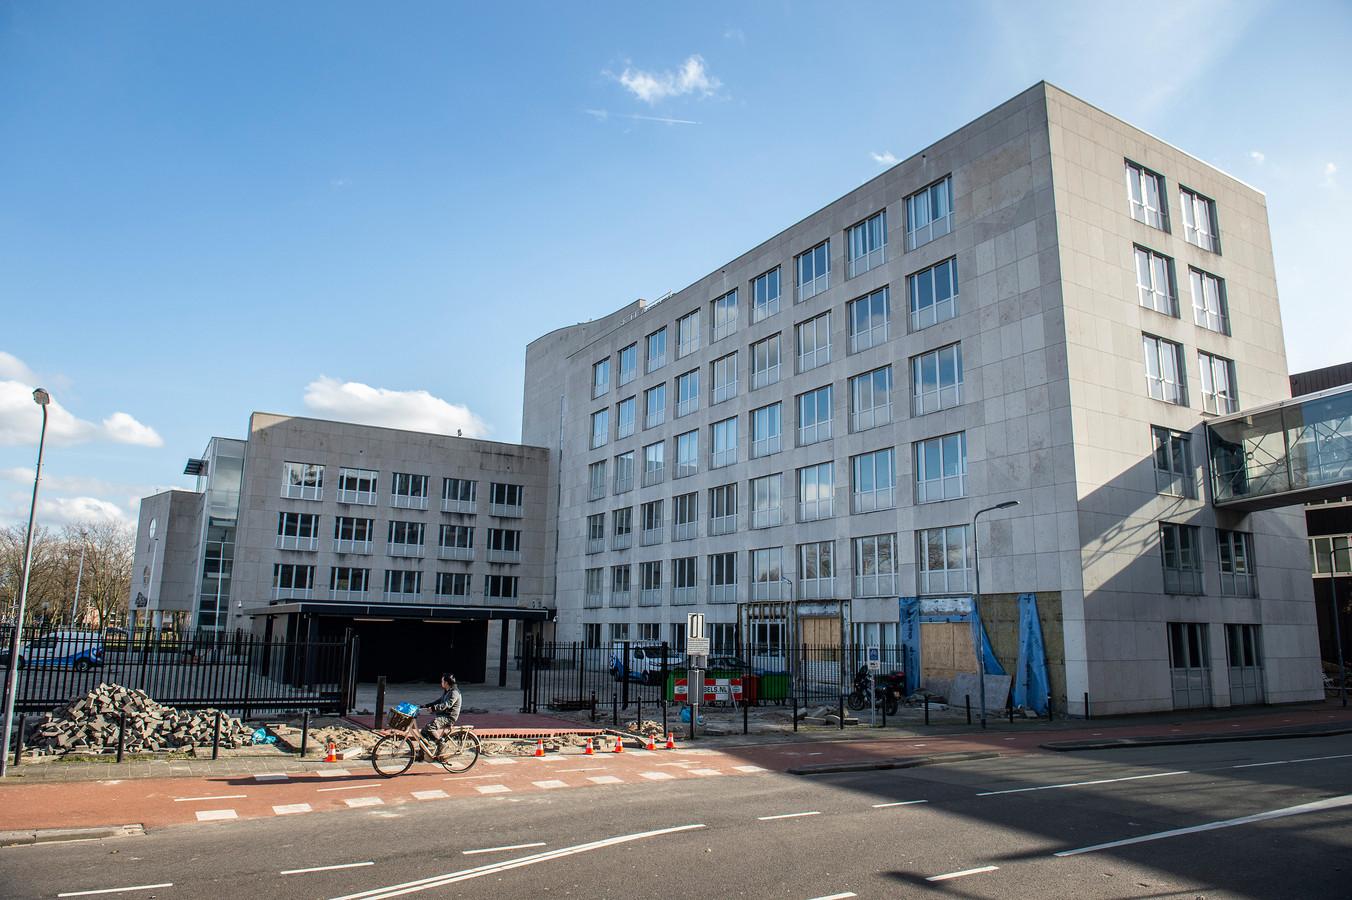 BREDA - Hier komt het nieuwe politiebureau van Breda. De politie verhuist van het Chasséveld naar de begane grond en de eerste verdieping van het pand aan de Claudius Prinsenlaan 12-14. Dat is het gedeelte van het L-vormige gebouw dat links uitsteekt. In de hoek komt ook de ingang naar het politiebureau.